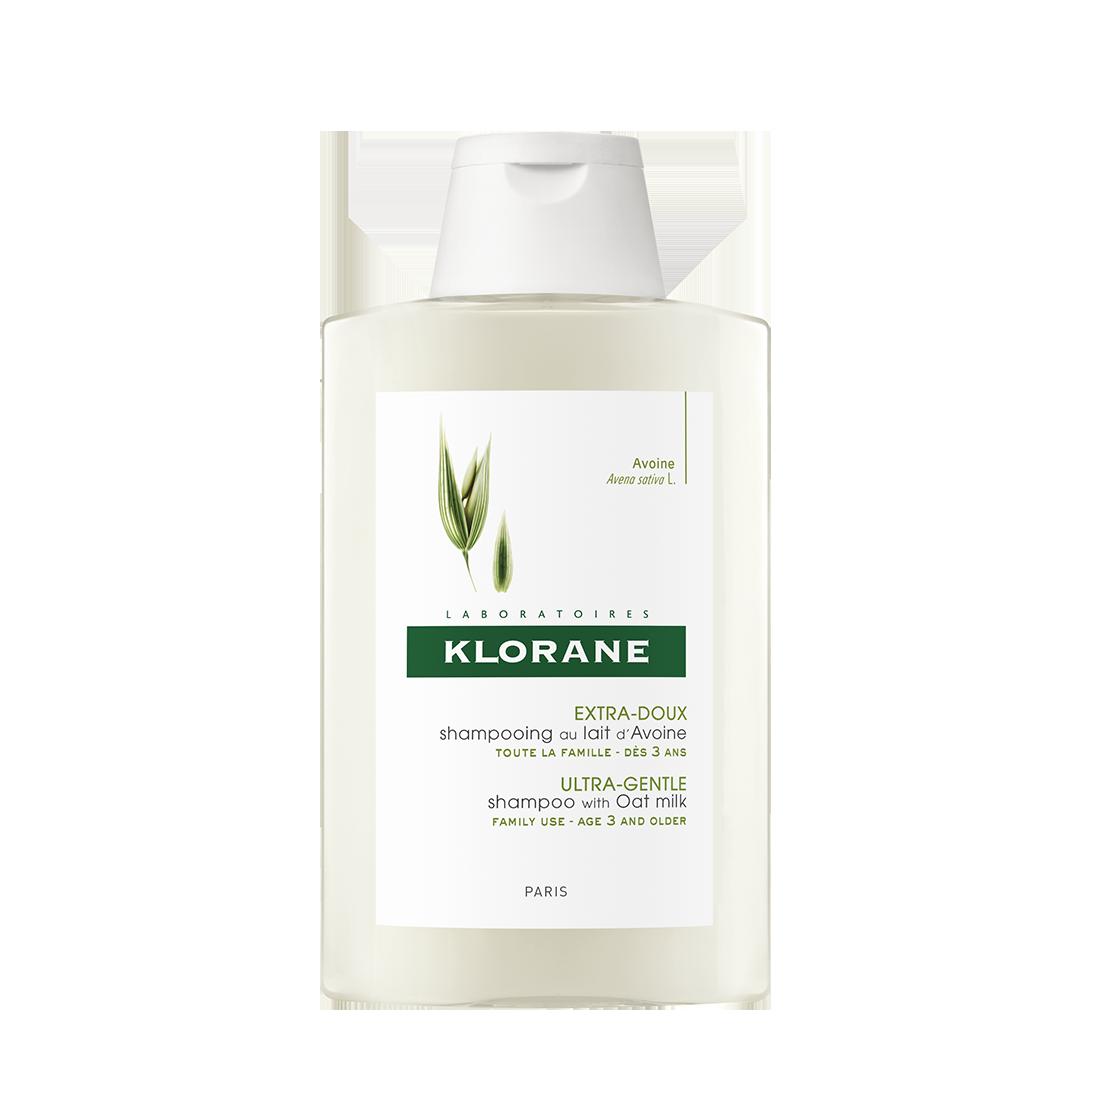 კლორანი - ვუანის შვრიის რძეზე დამზადებული შამპუნი / Klorane - Shampoo  with Oat  milk